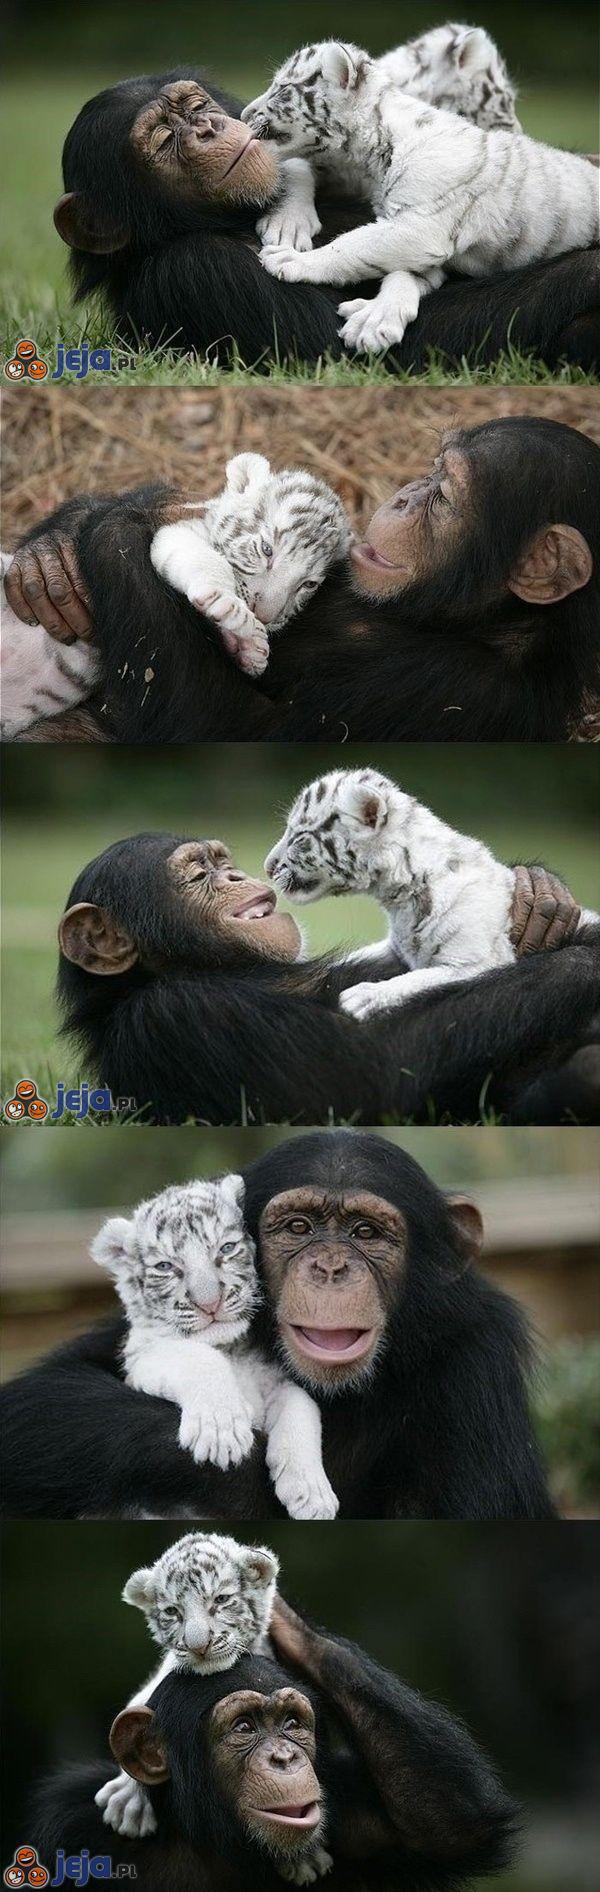 Przyjaźń dwóch osieroconych zwierzaków